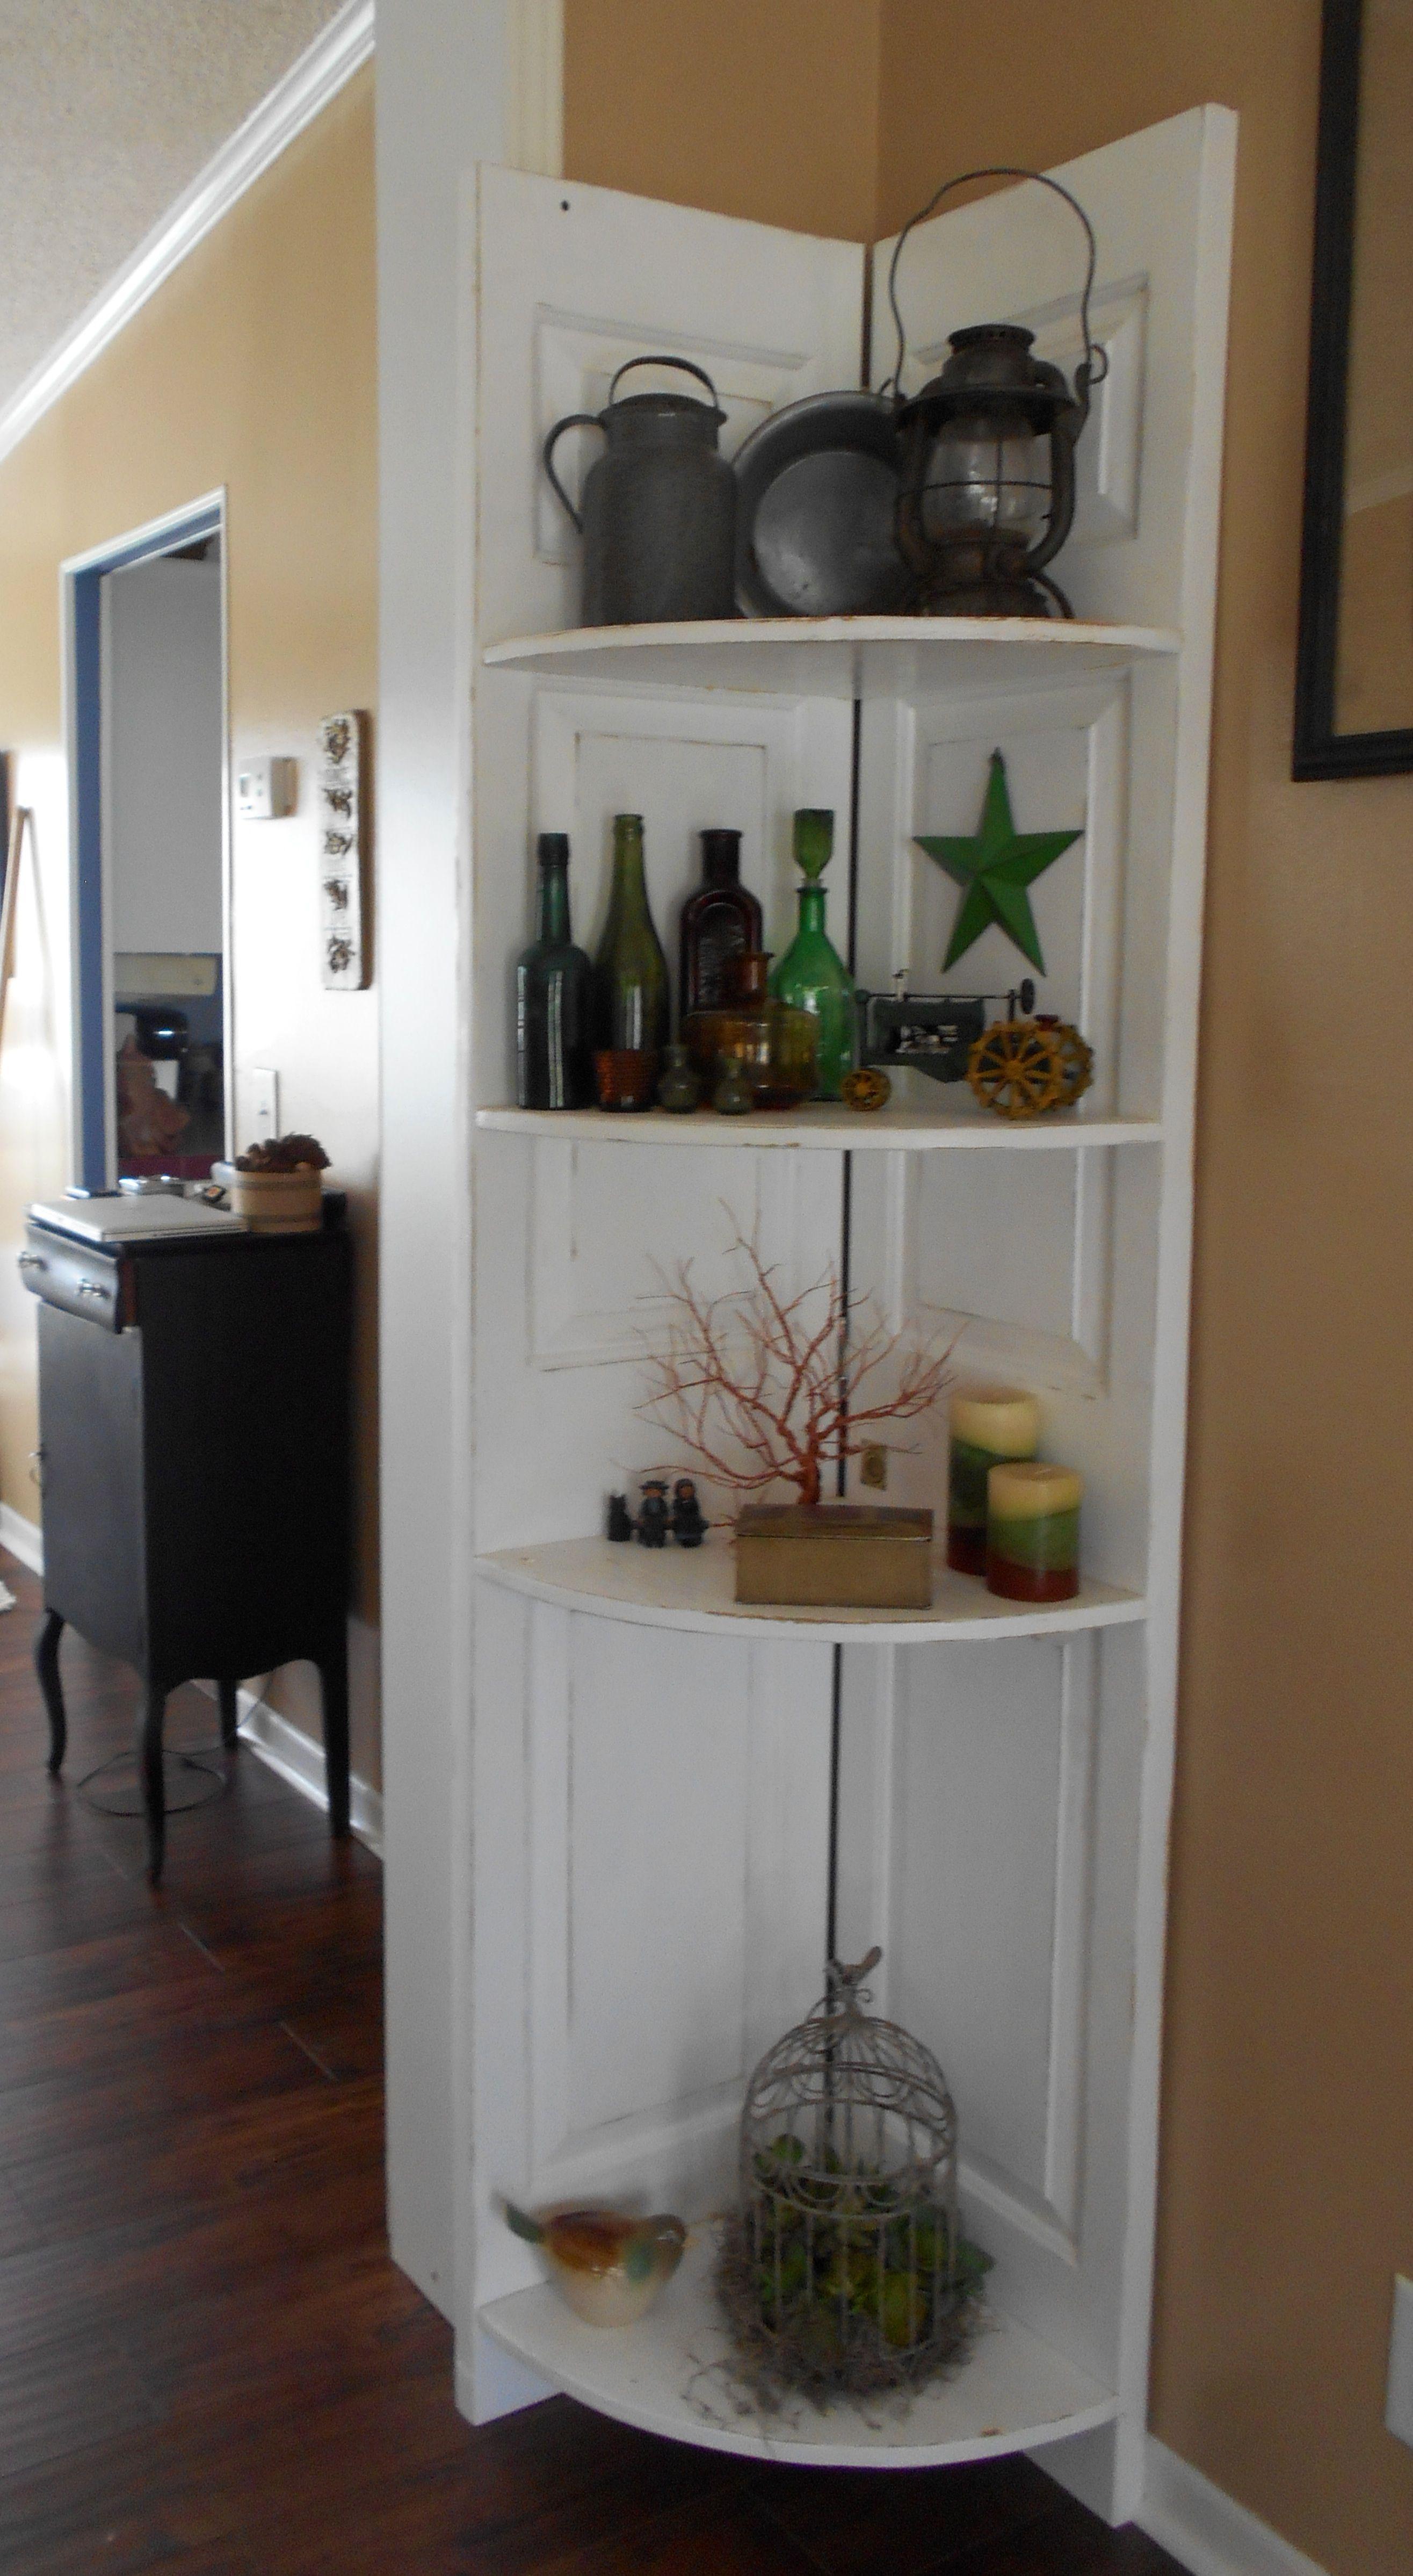 Upcycled vintage bifold door corner shelf